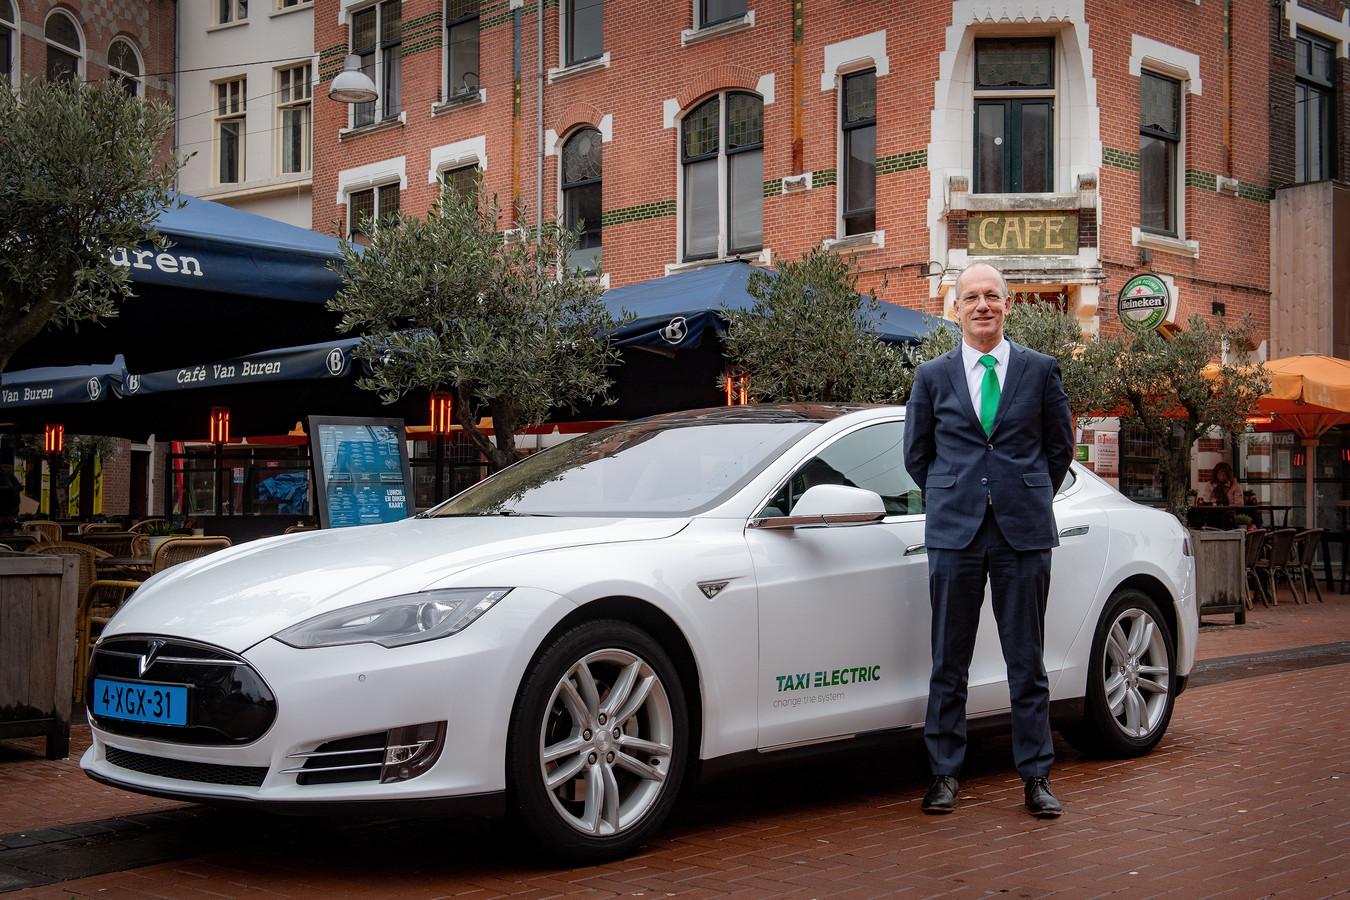 Groene ondernemer Richard Thijssen met zijn e-taxi in de Molenstraat waar Citax jarenlang zat.